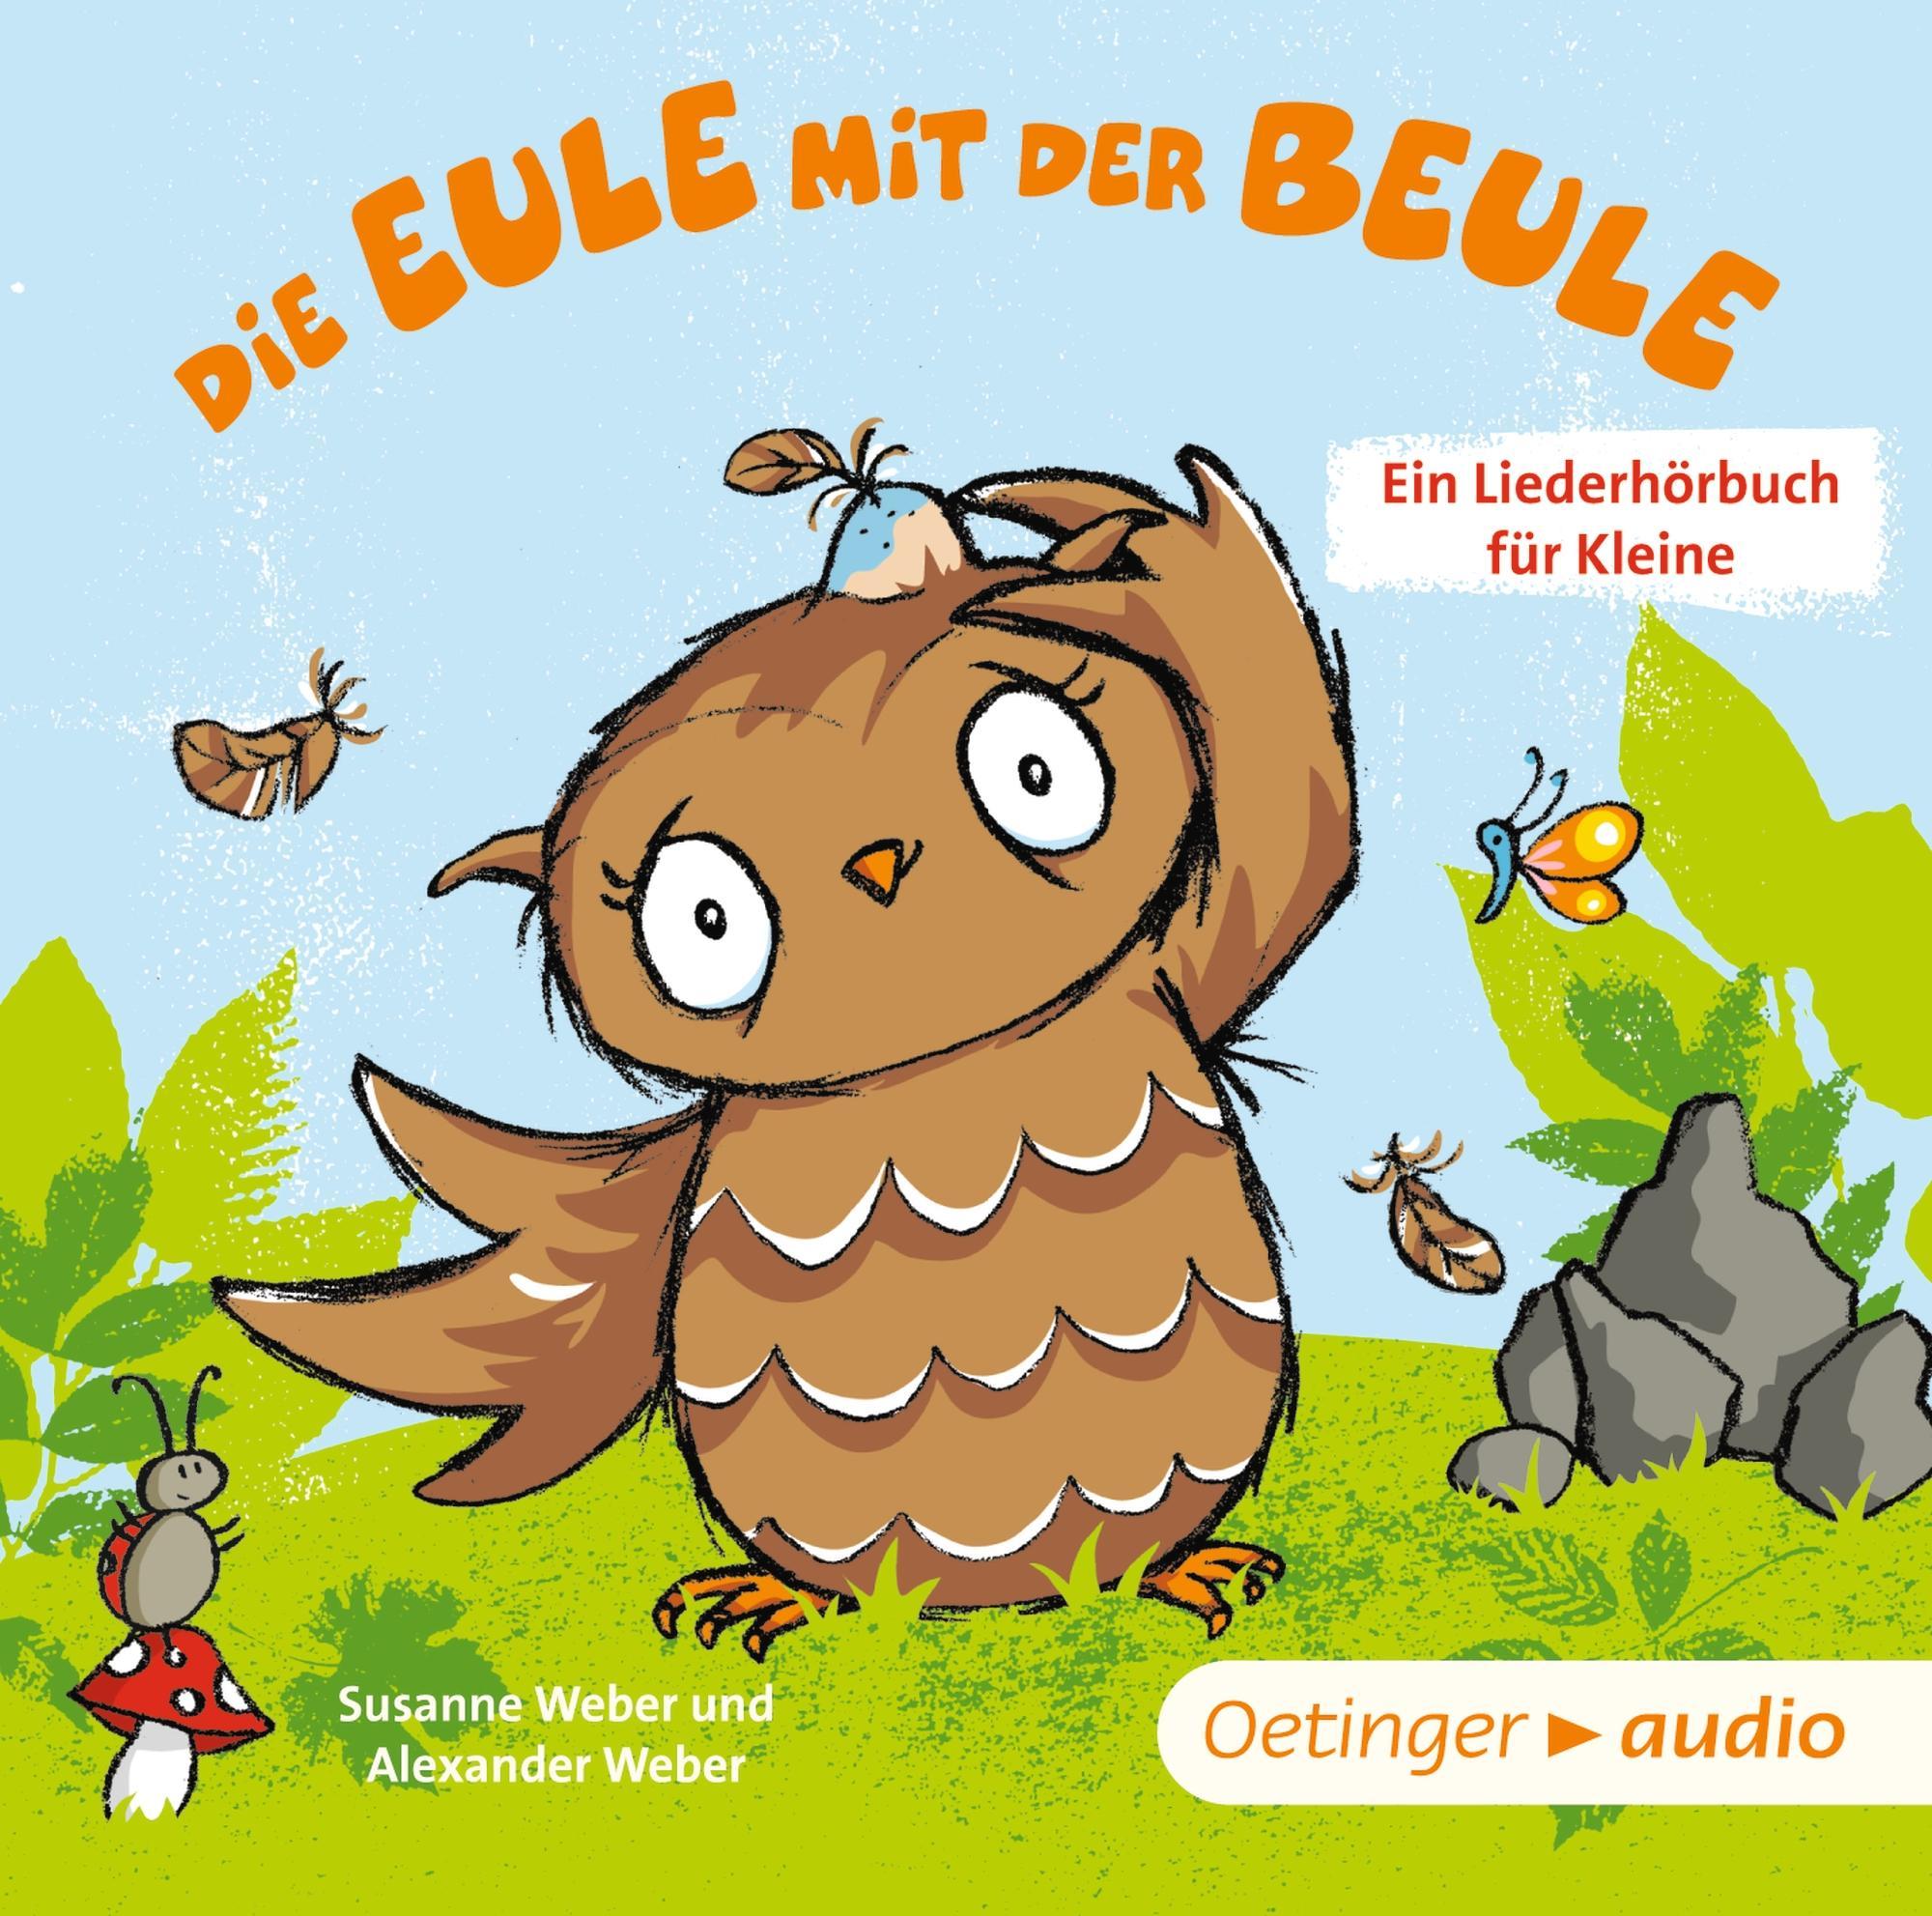 Die Eule mit der Beule - Ein Liederhörbuch für Kleine Susanne Weber